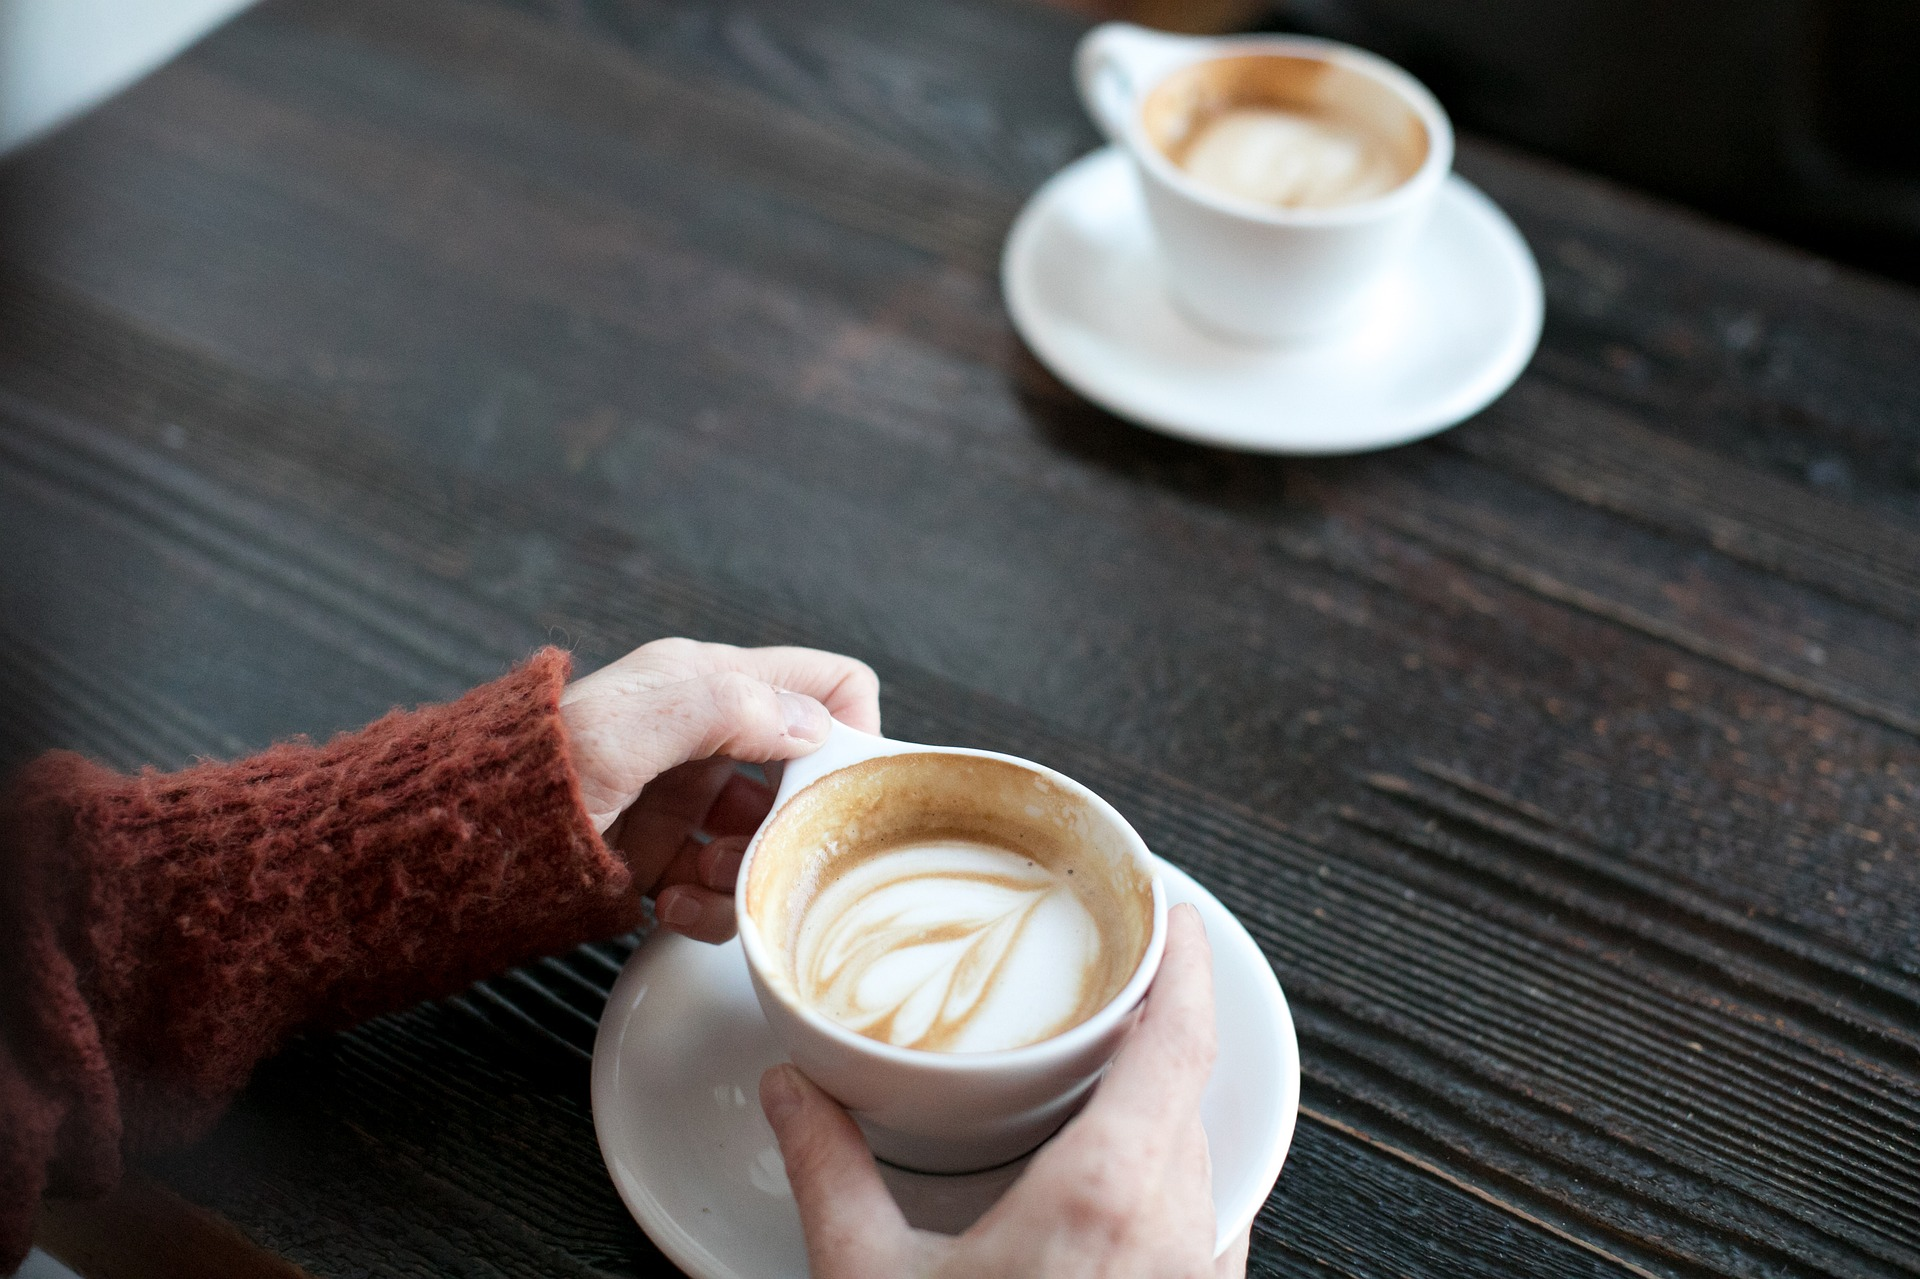 Dinsdag 11 september koffie ochtend!